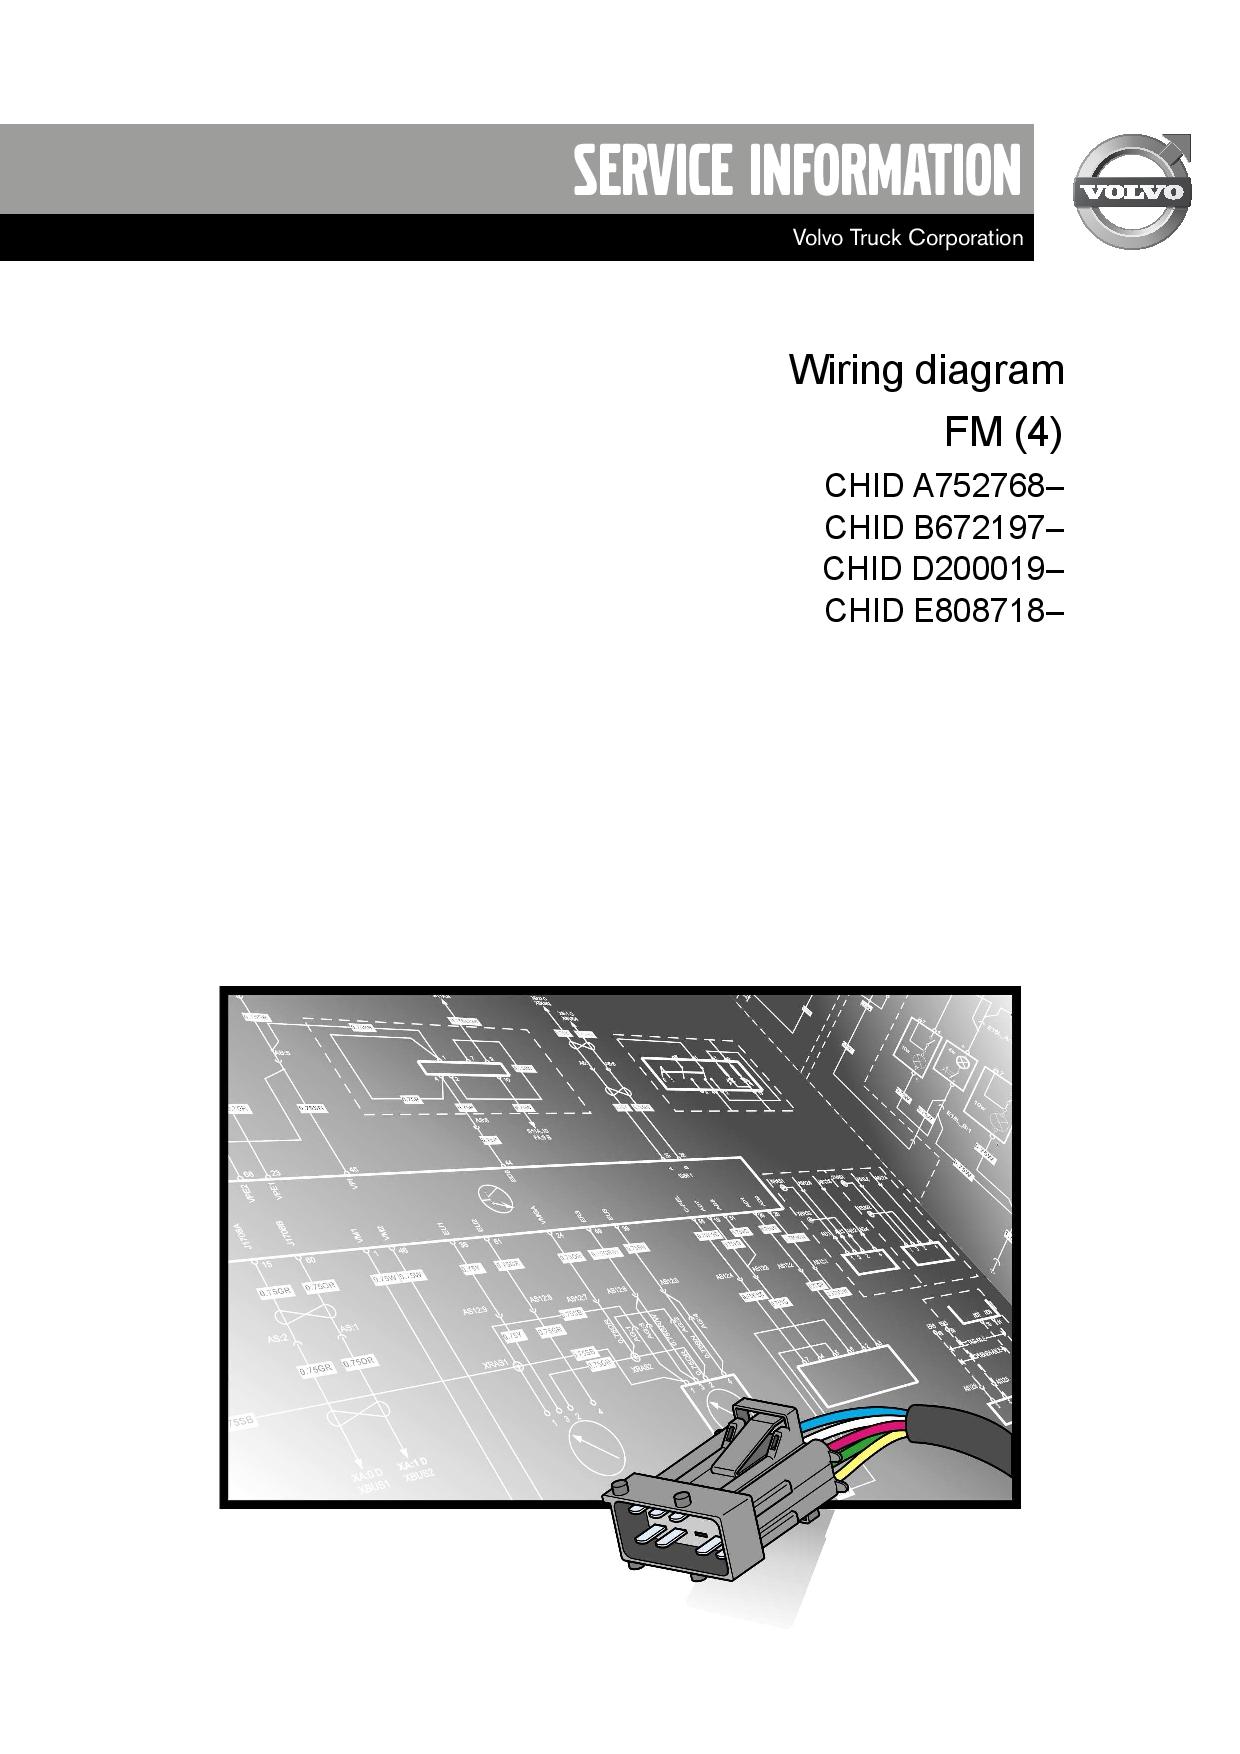 Gmc Service Repair Manual Download Pdf Wiring Diagram